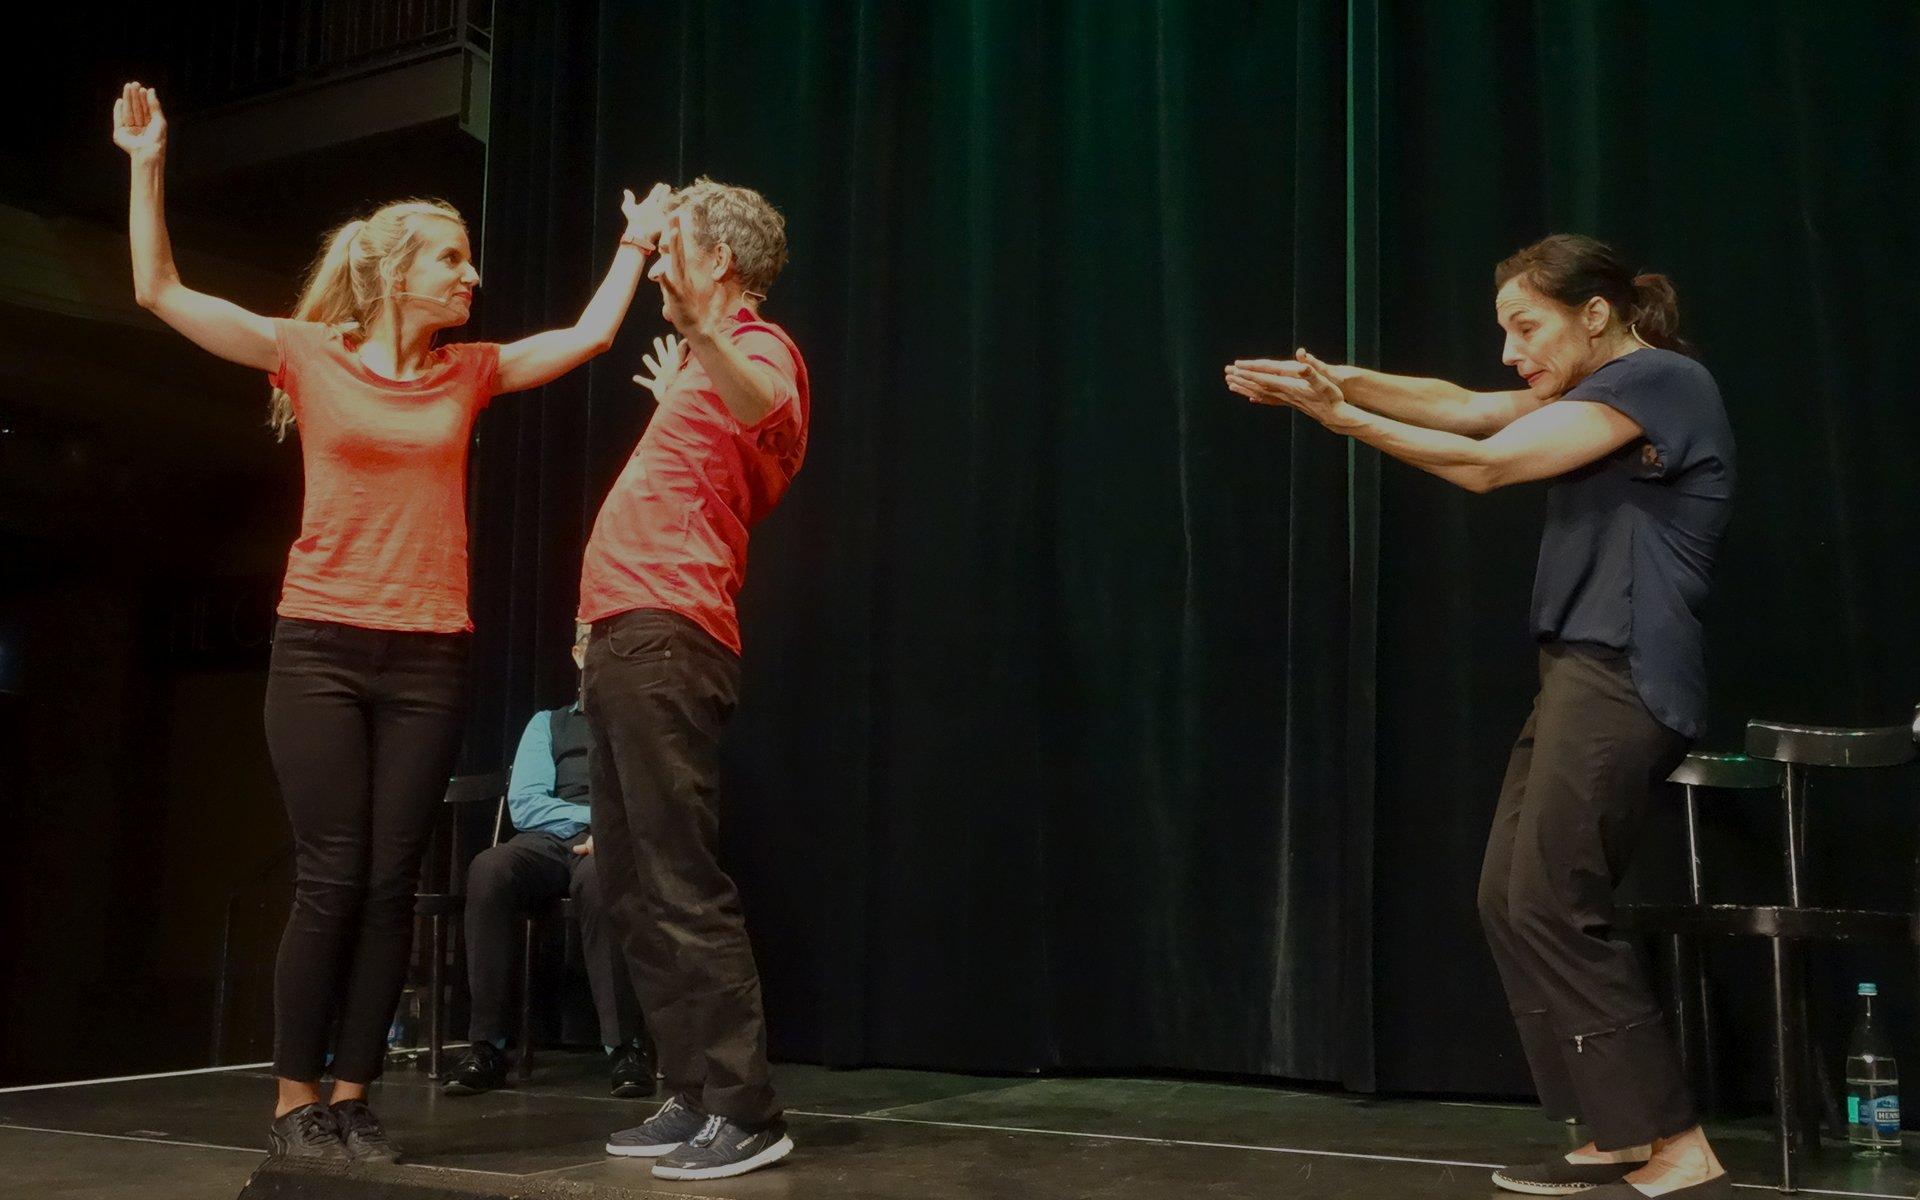 Die Szenen sind ohne Drehbuch und mit Input aus dem Publikum improvisiert.